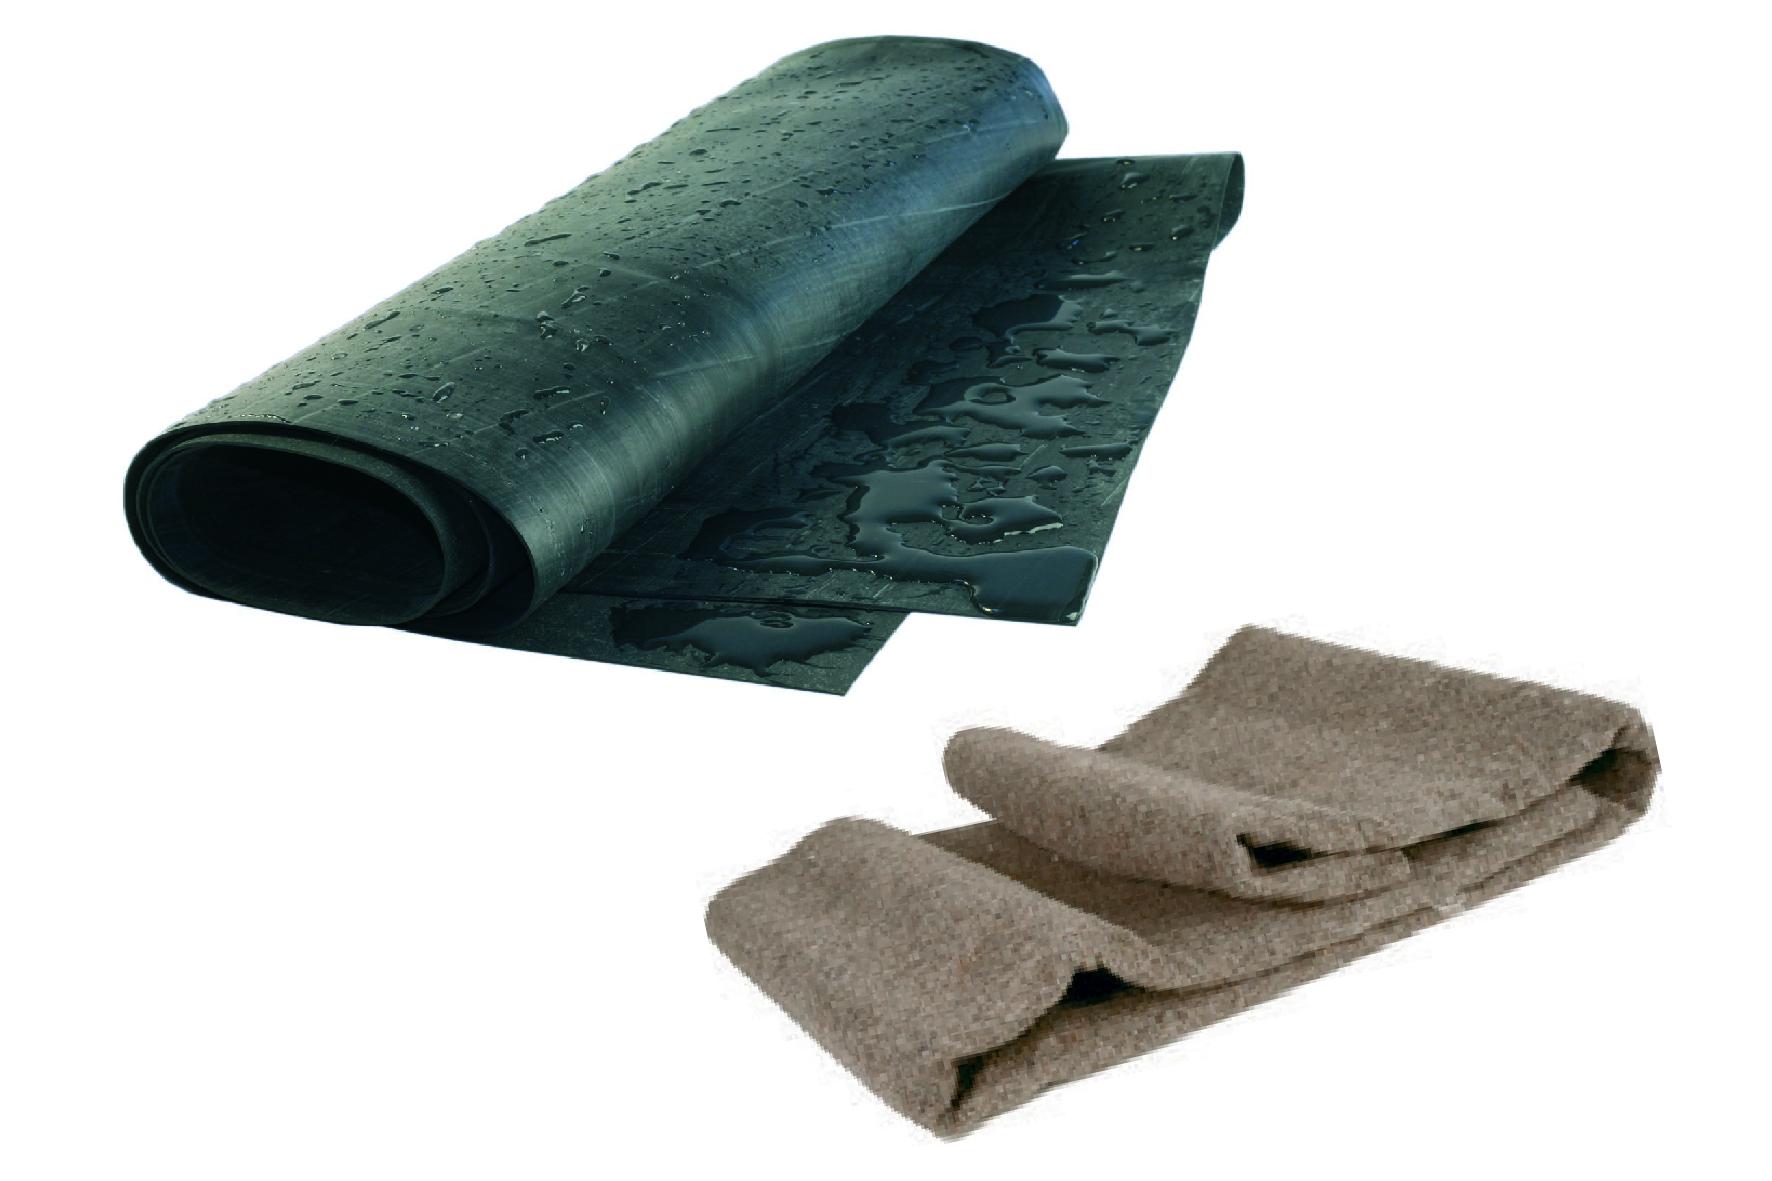 epdm kautschuk teichfolie mit teichvlies dr teichmann teichfilter teichpflanzen teichbau. Black Bedroom Furniture Sets. Home Design Ideas